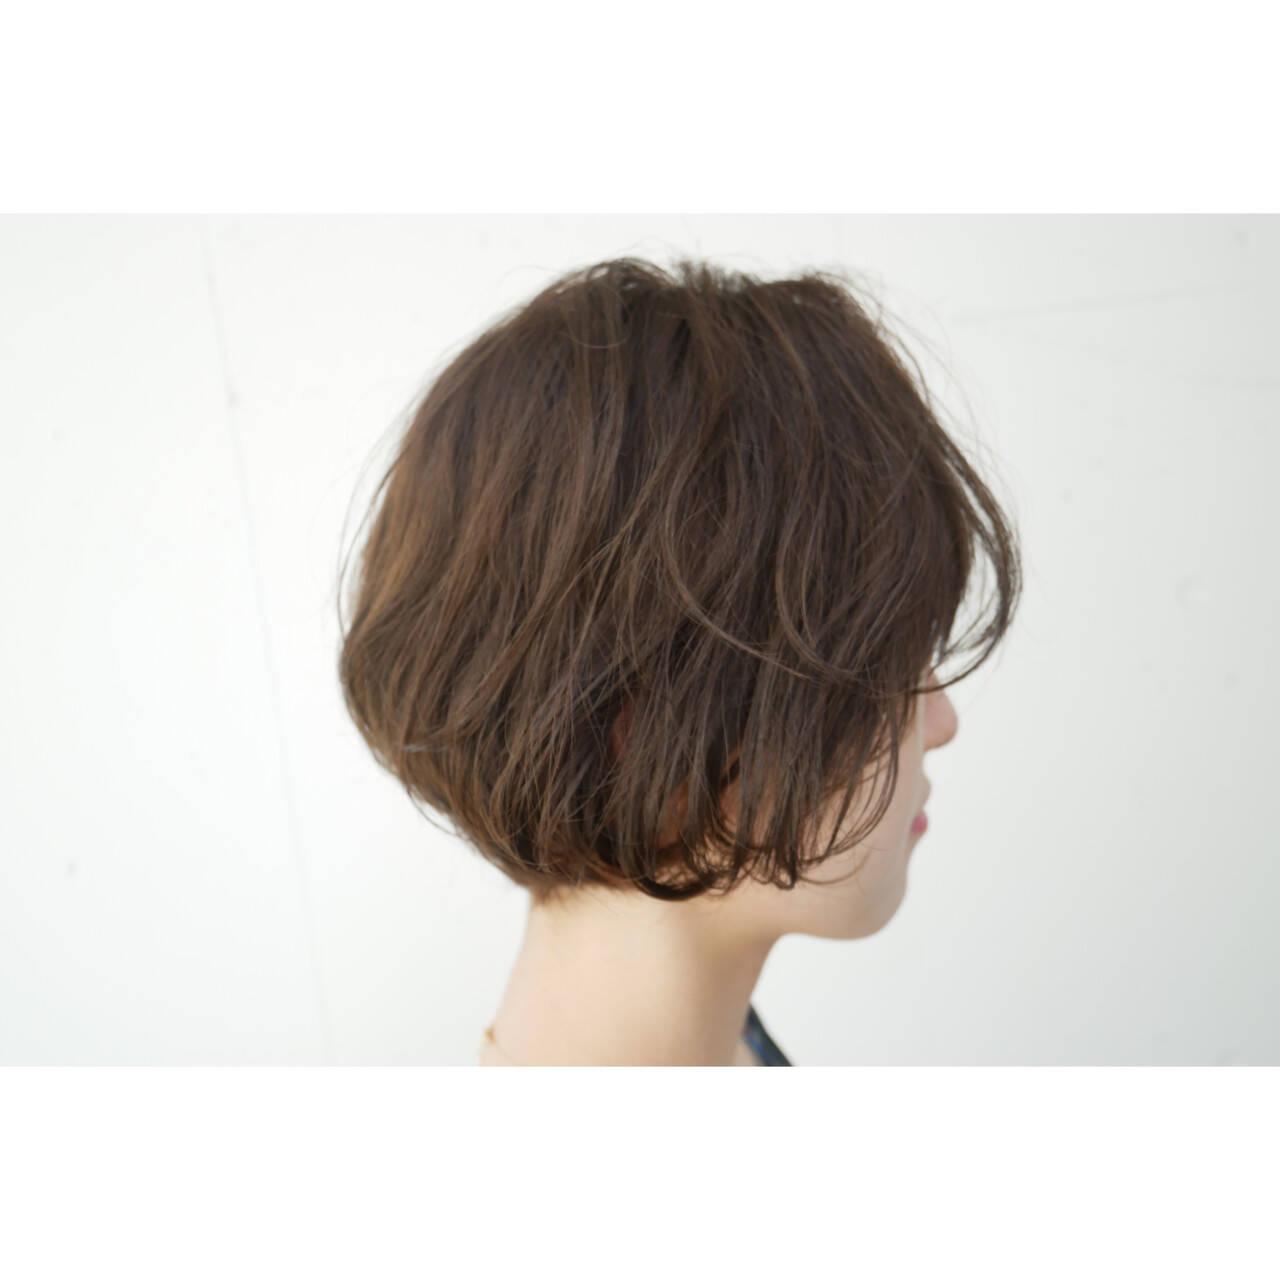 ボブ ミニボブ ショートボブ ショートヘアヘアスタイルや髪型の写真・画像